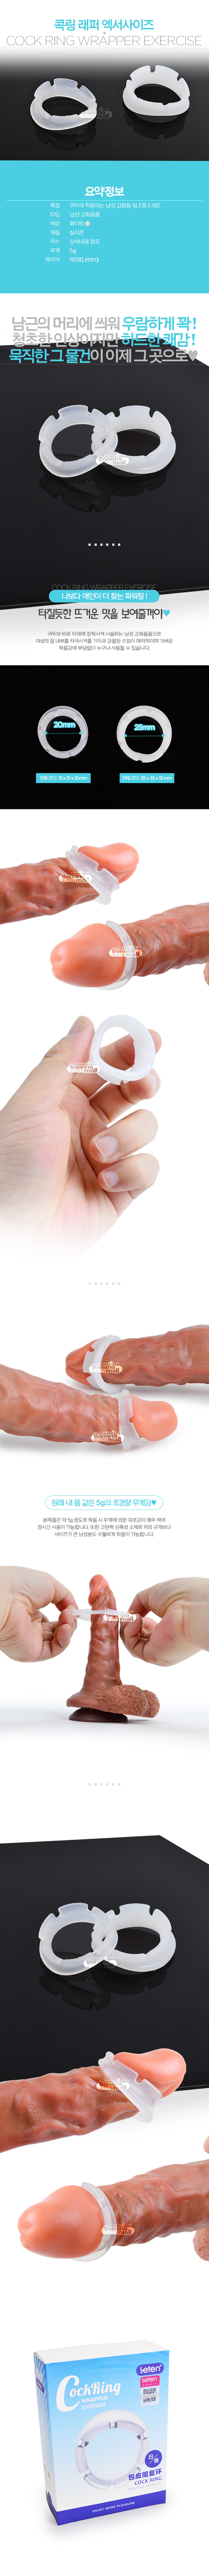 [남성 강화] 콕링 래퍼 엑서사이즈(Cock Ring Wrapper Exercise)